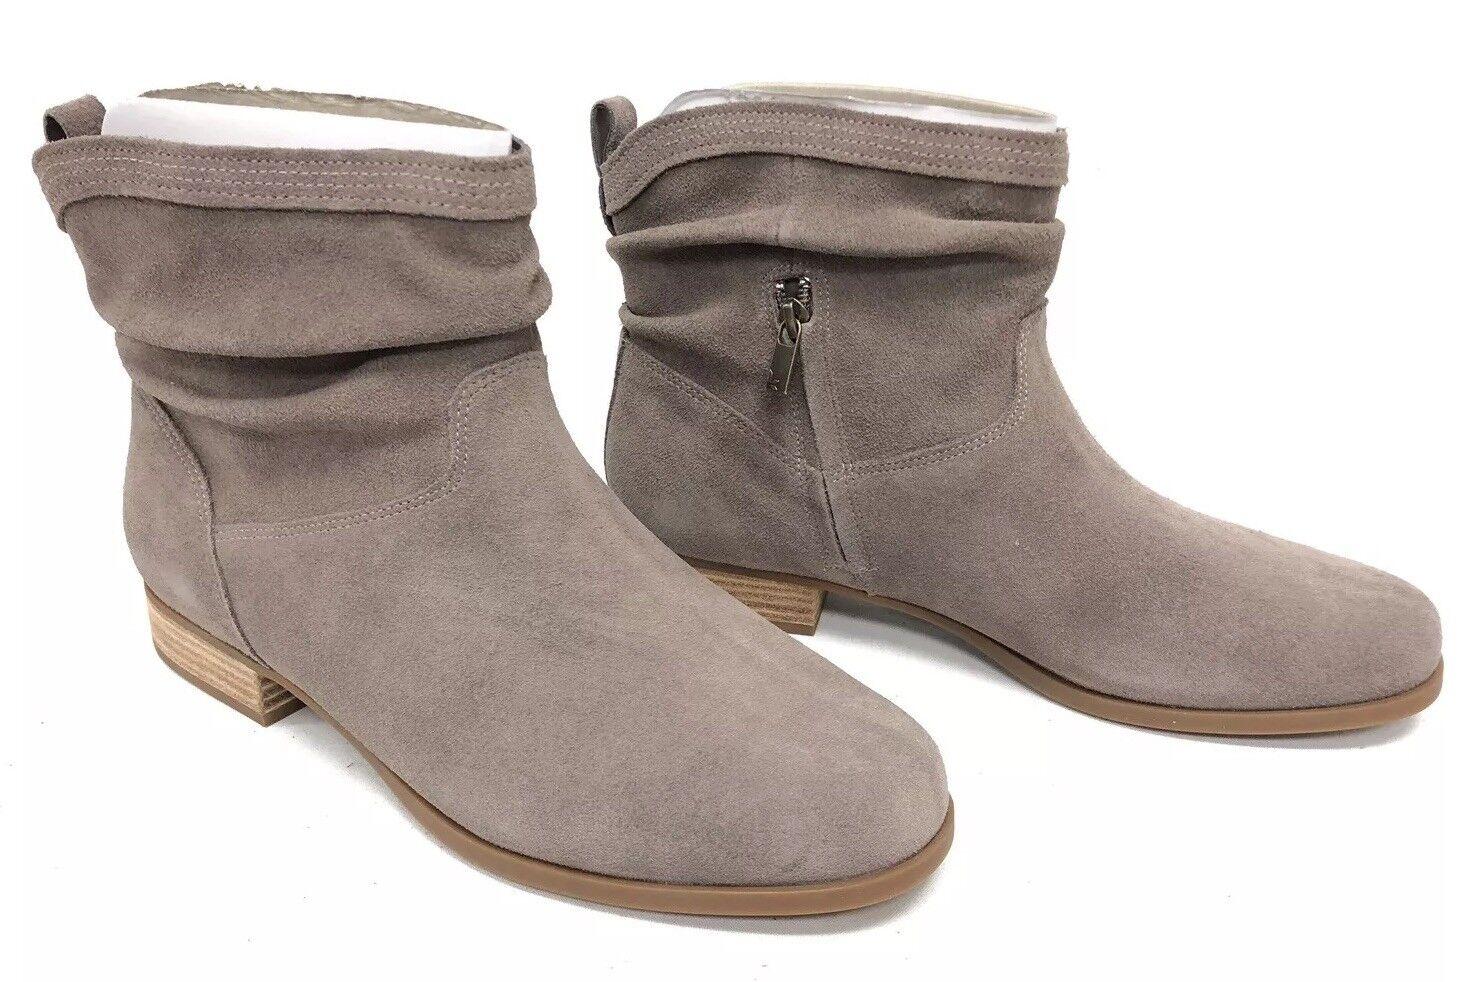 Koolaburra Lorelei Cinder Boots Suede Suede Slouch Booties 1096439 Women's